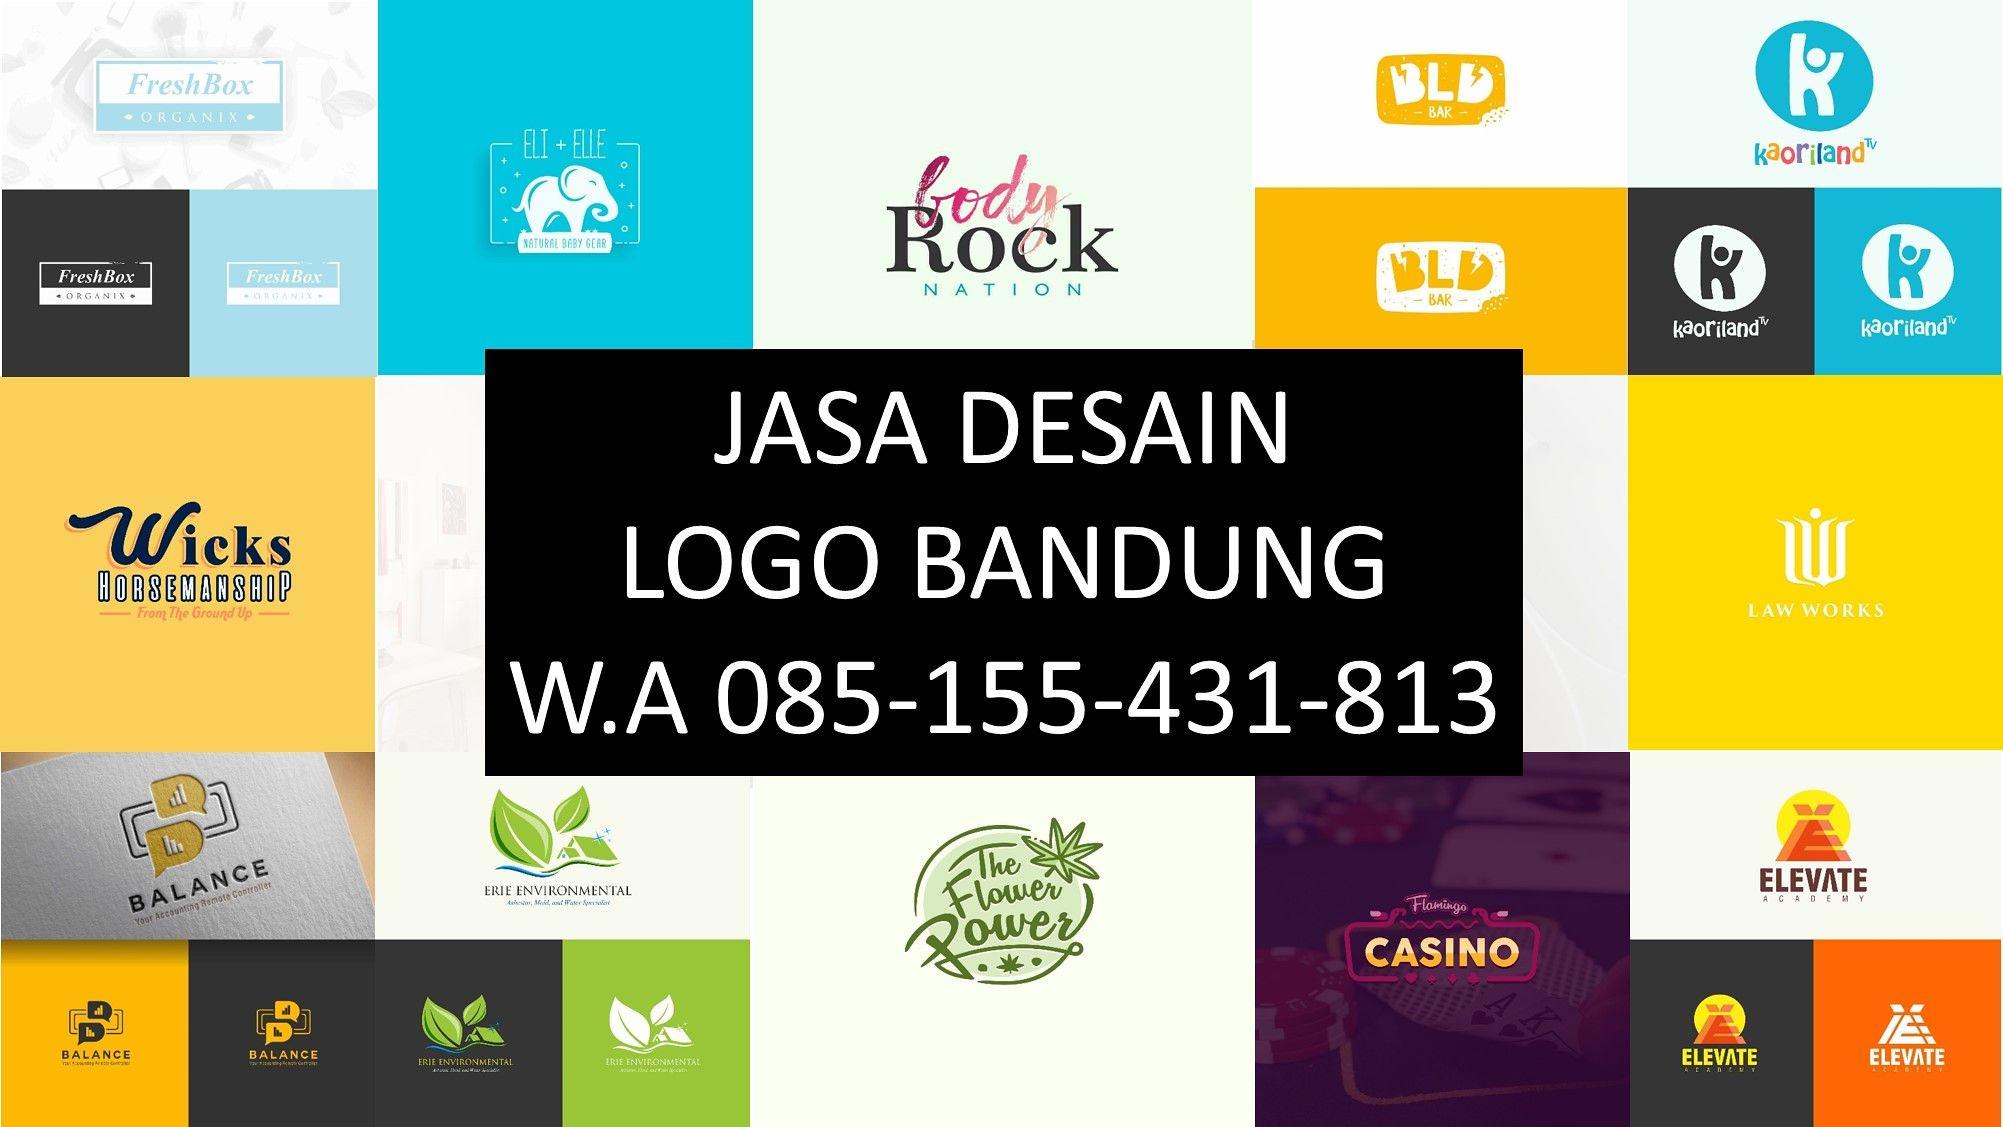 Jasa Desain Restoran